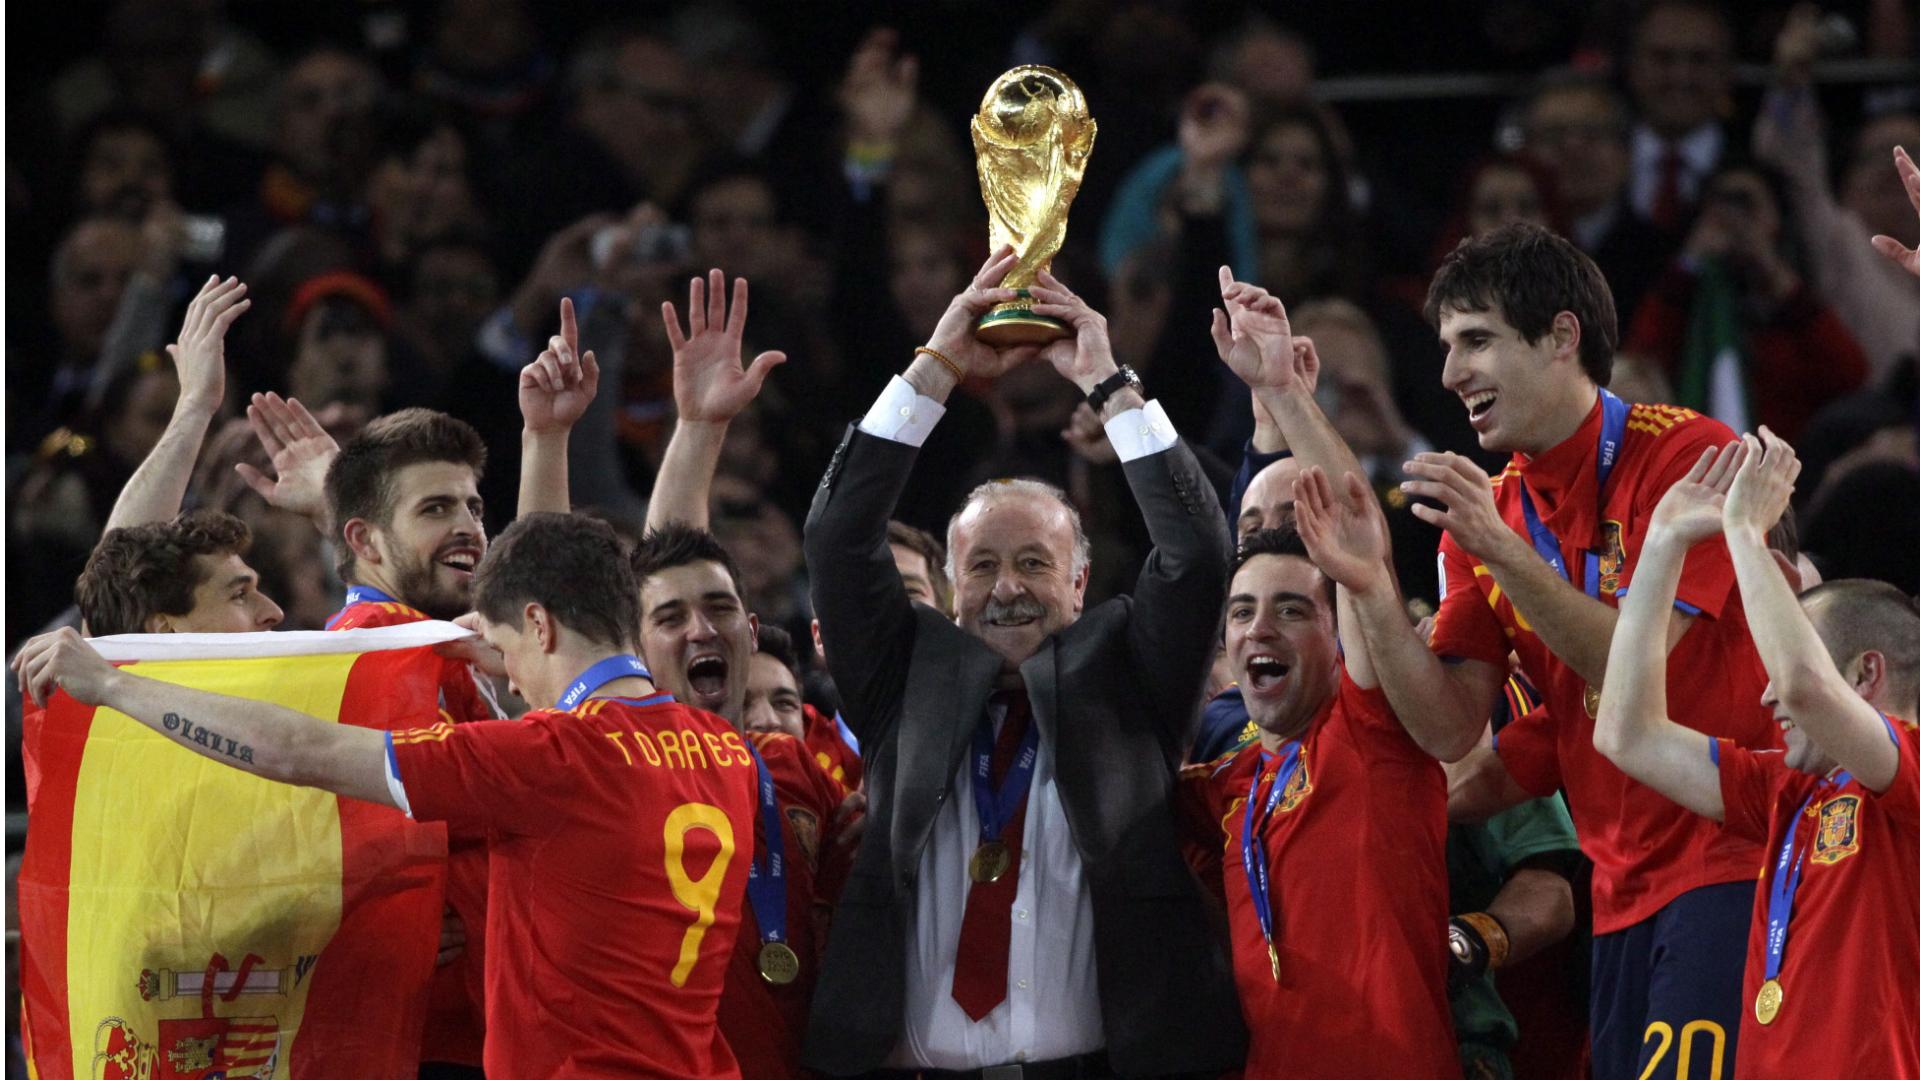 Spain-soccer-7-11-2010-AP-FTR